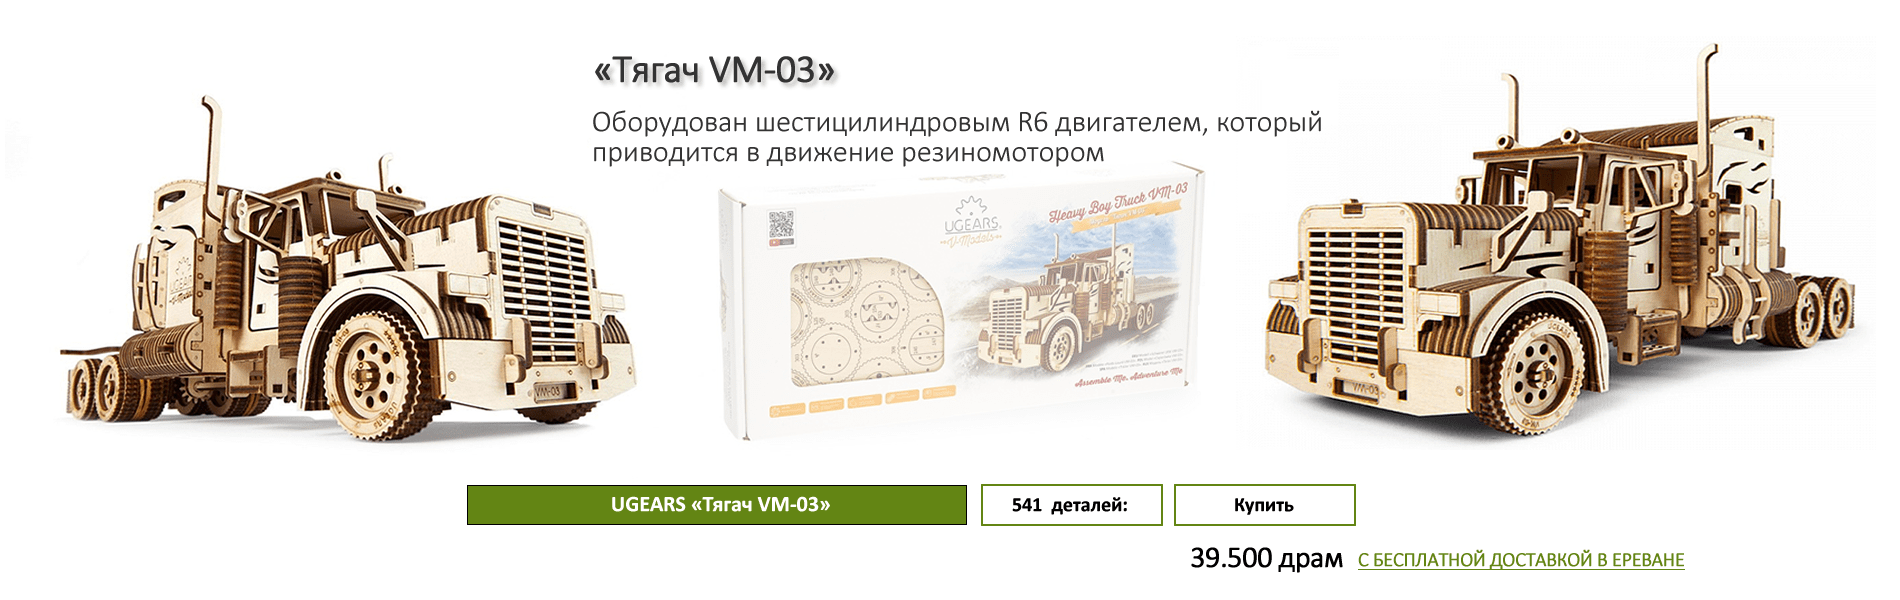 «Тягач VM-03» БЕСПЛАТНАЯ ДОСТАВКА В ЕРЕВАНЕ